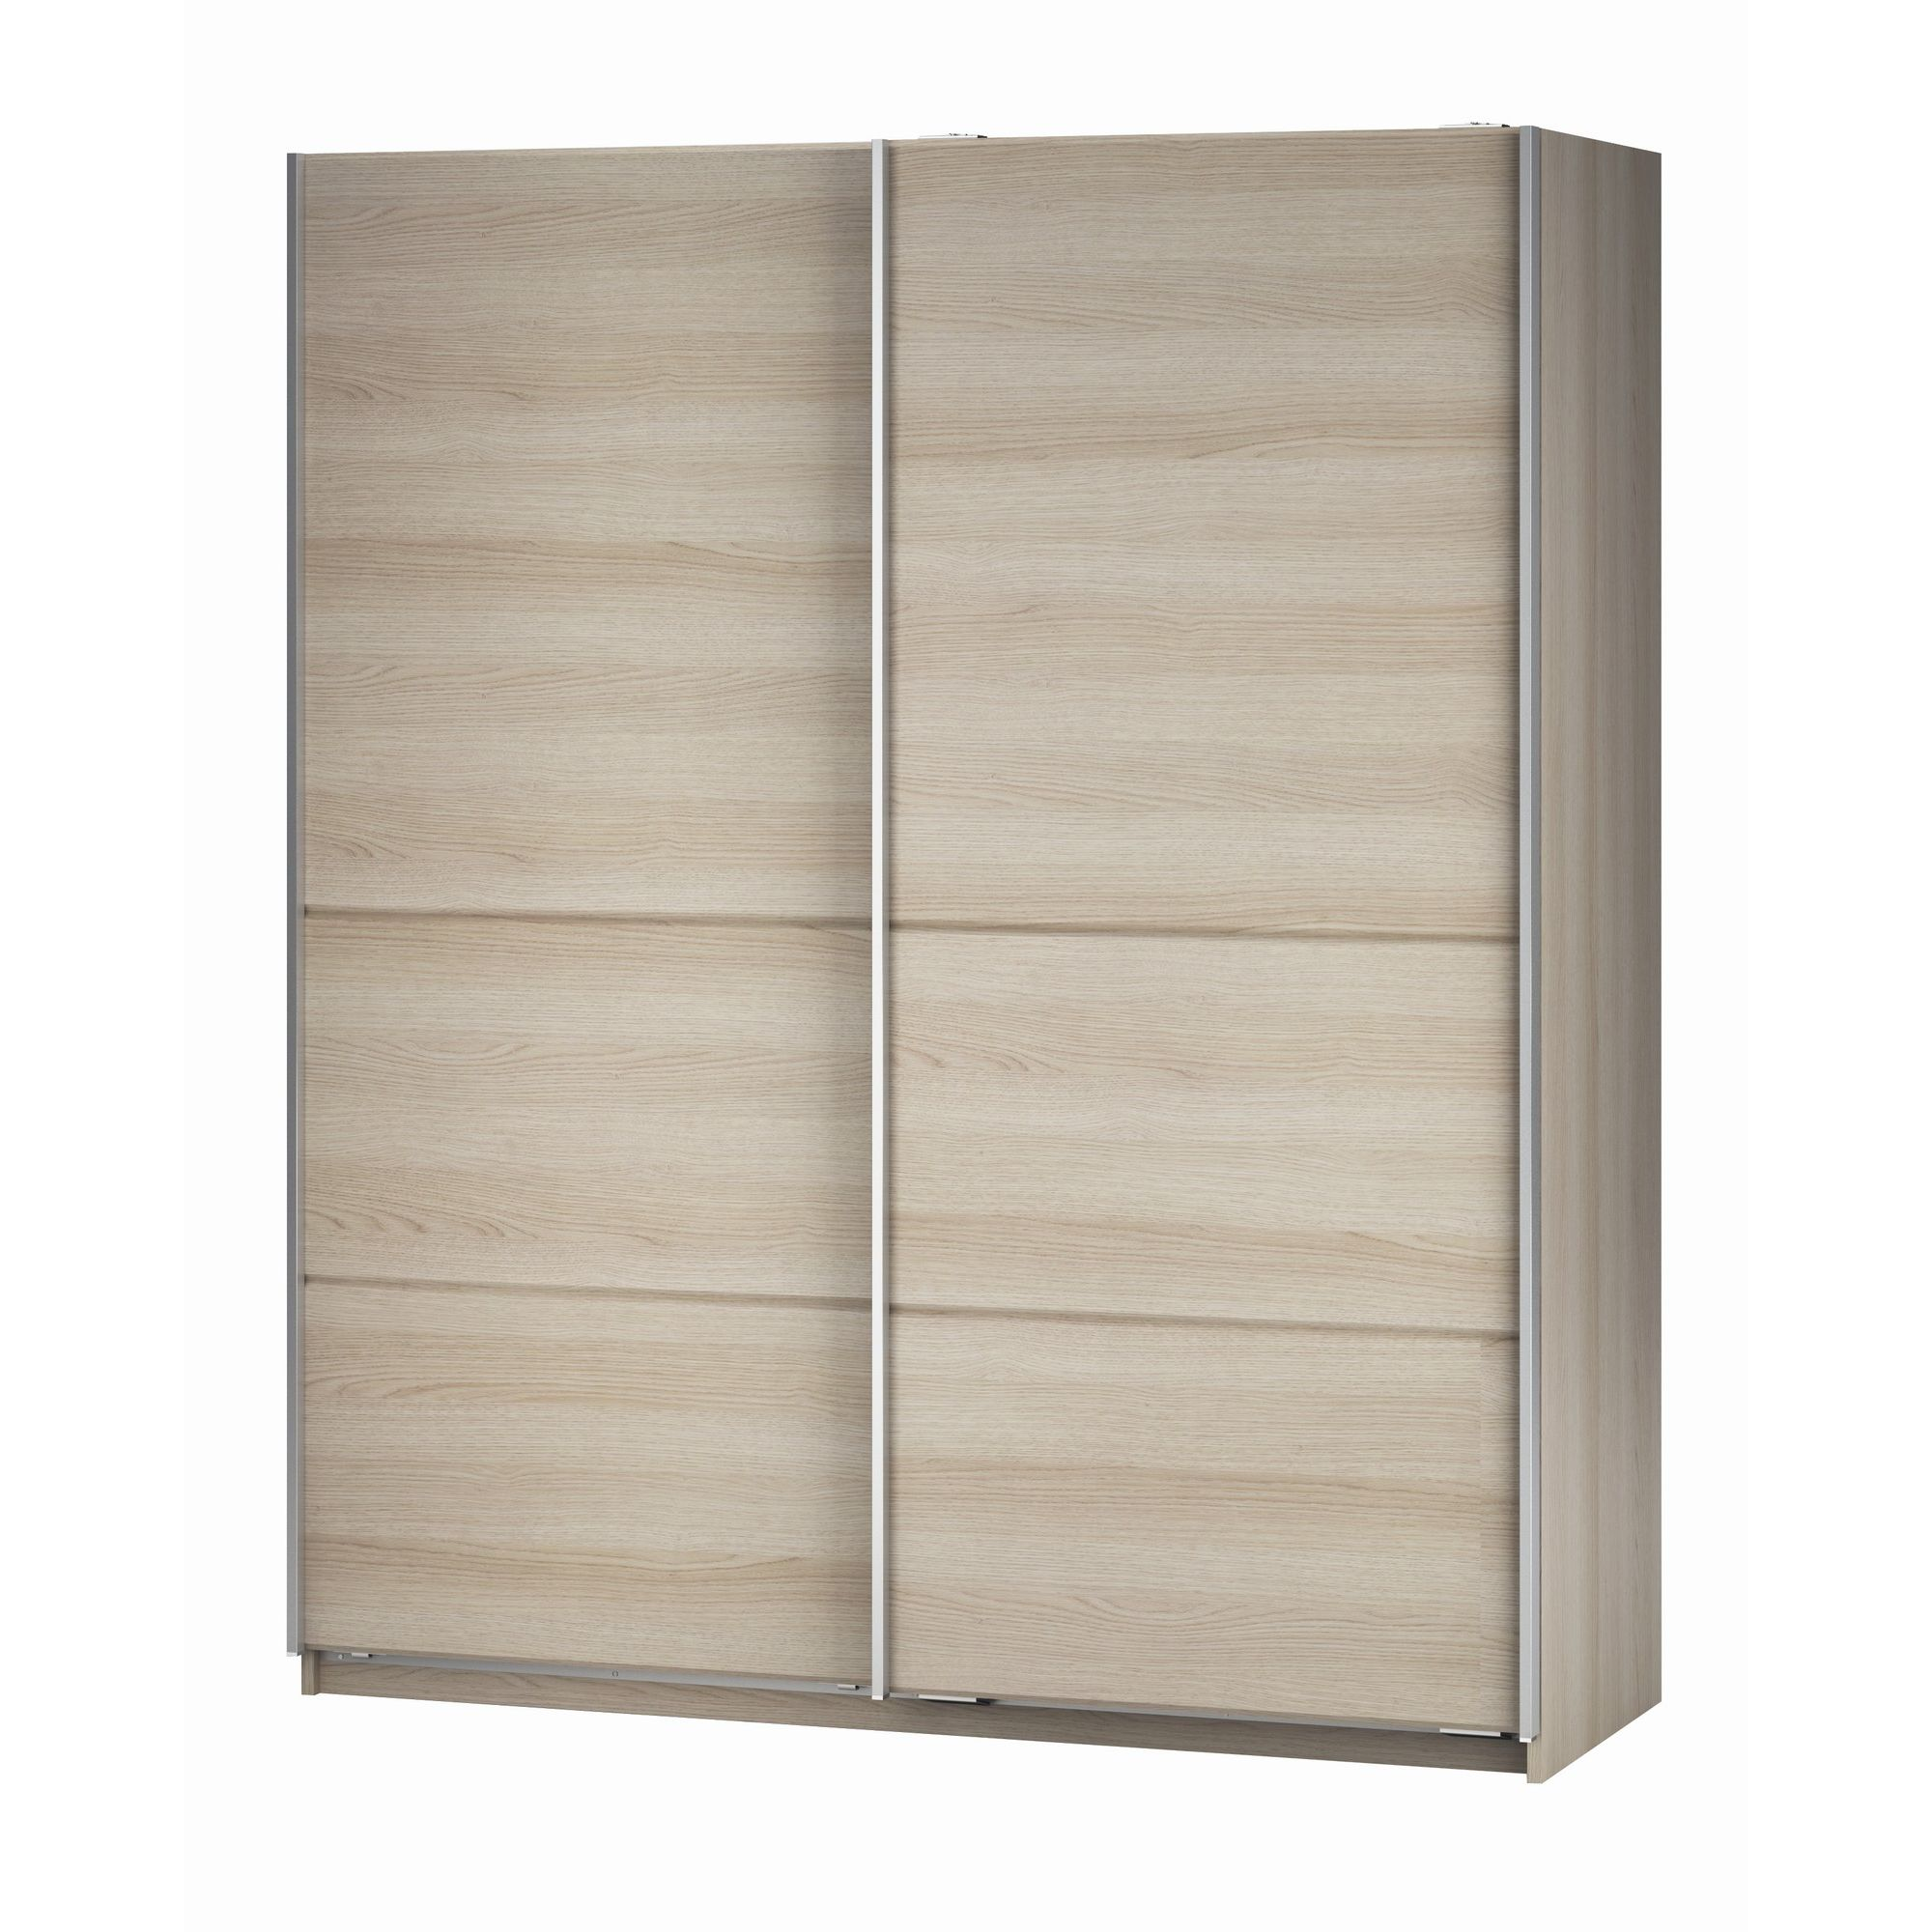 Altruna Elmont Plain Slider Wardrobe in Light Oak Veneer at Tesco Direct